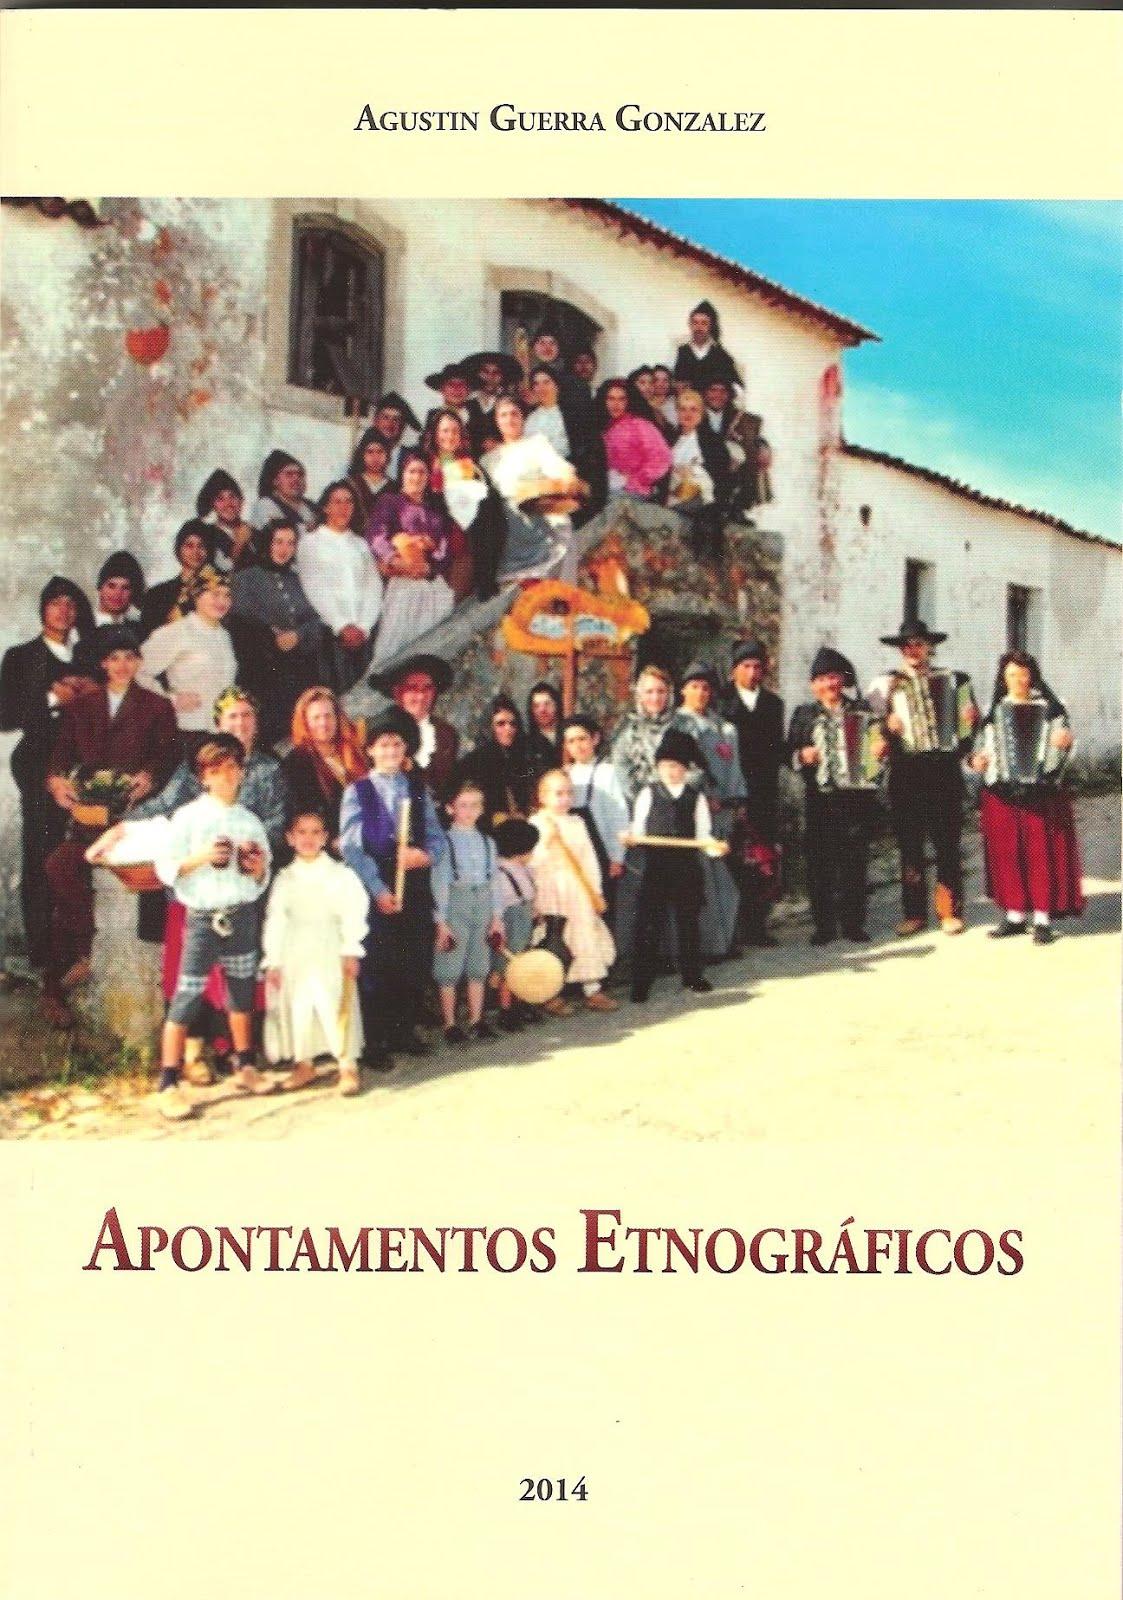 Aspetos etnográficos do Covão do Coelho